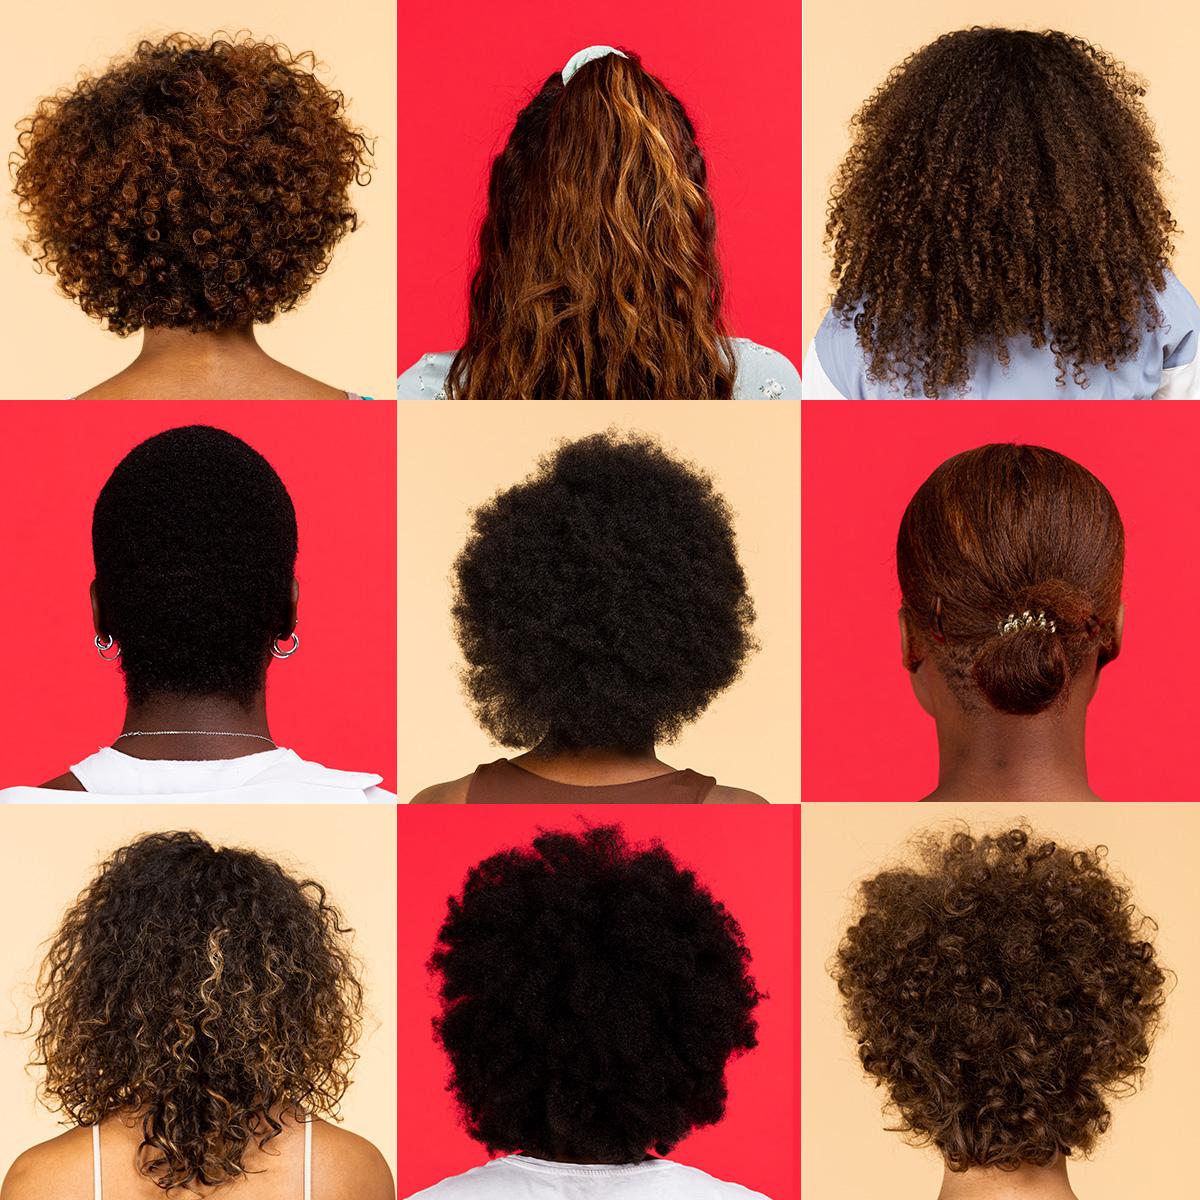 femmes de dos aux cheveux ondulés, bouclés et crépus